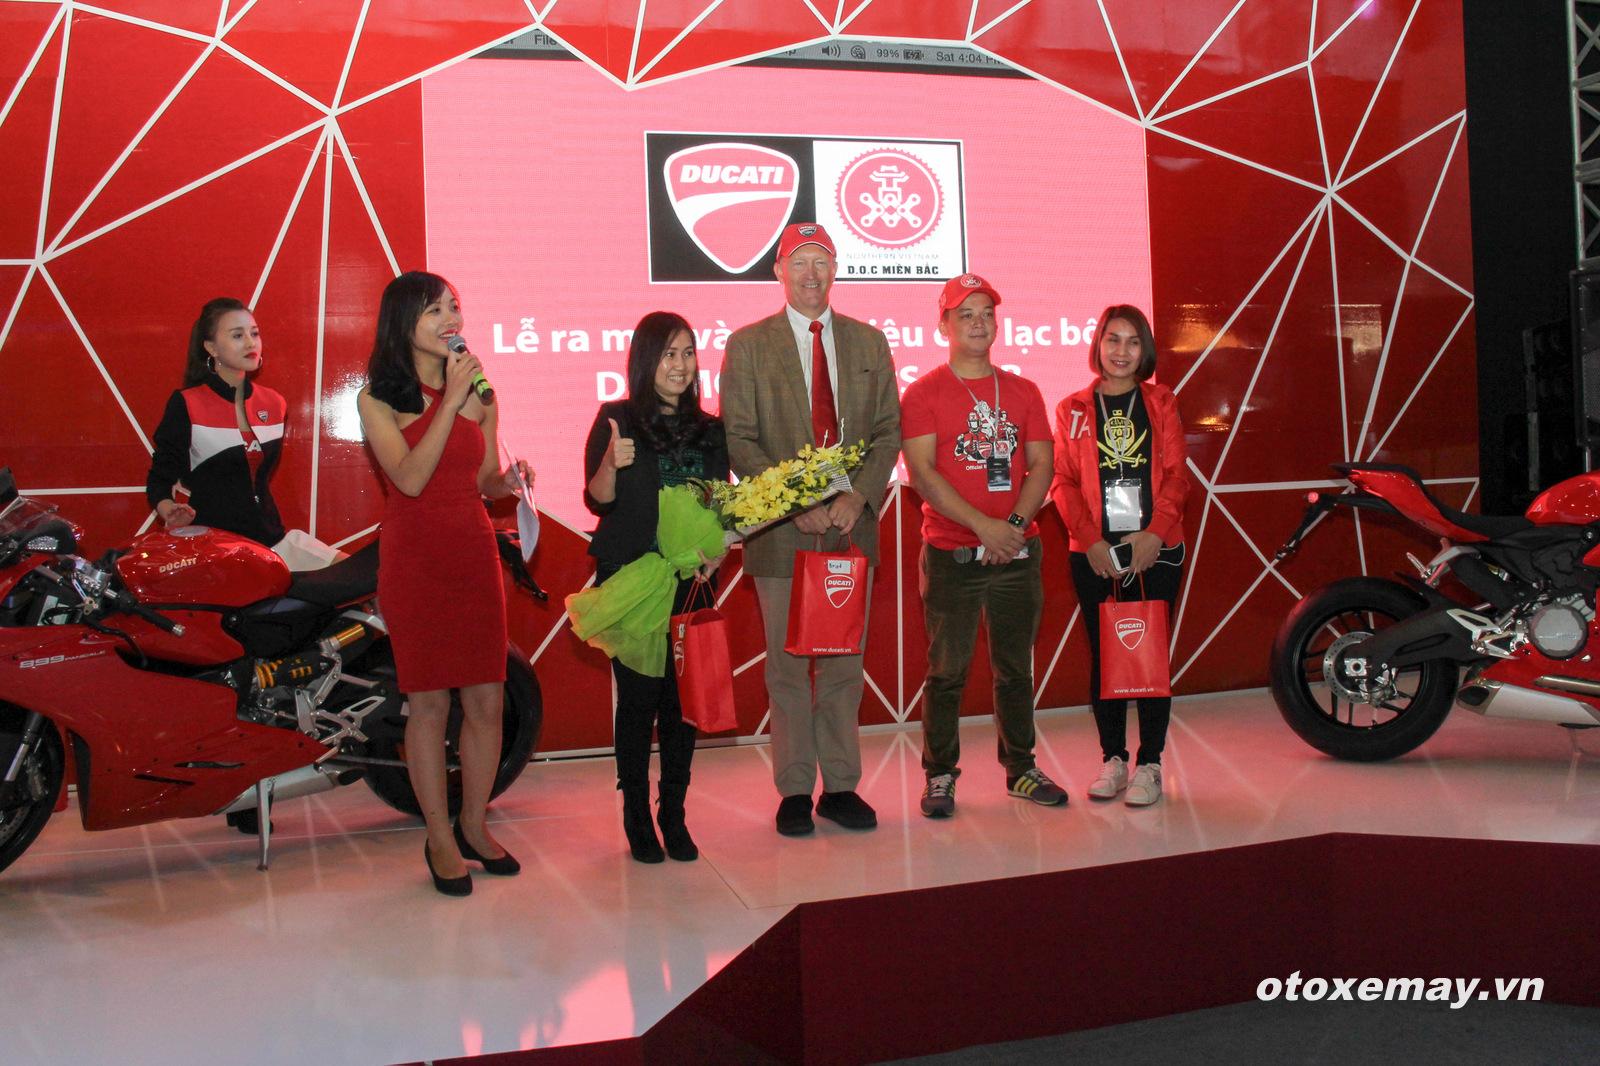 DOC Mien Bac chinh thuc nhap hoi Ducatisti the gioi - 8